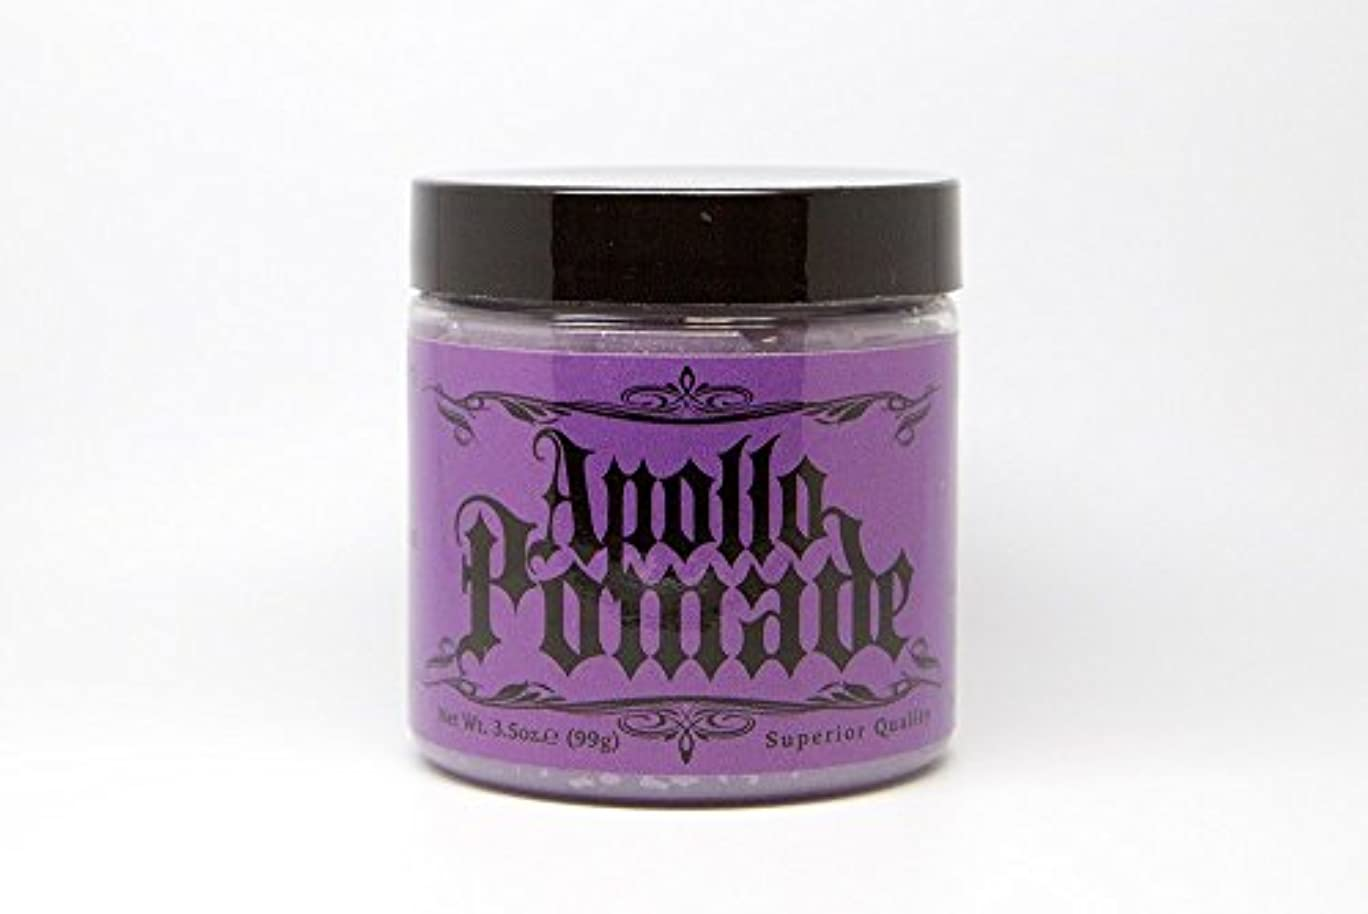 ブラウザこれまで楽観的ポマード メンズ Apollo Pamade (アポロポマード 油性 ) 3.5oz(99g)